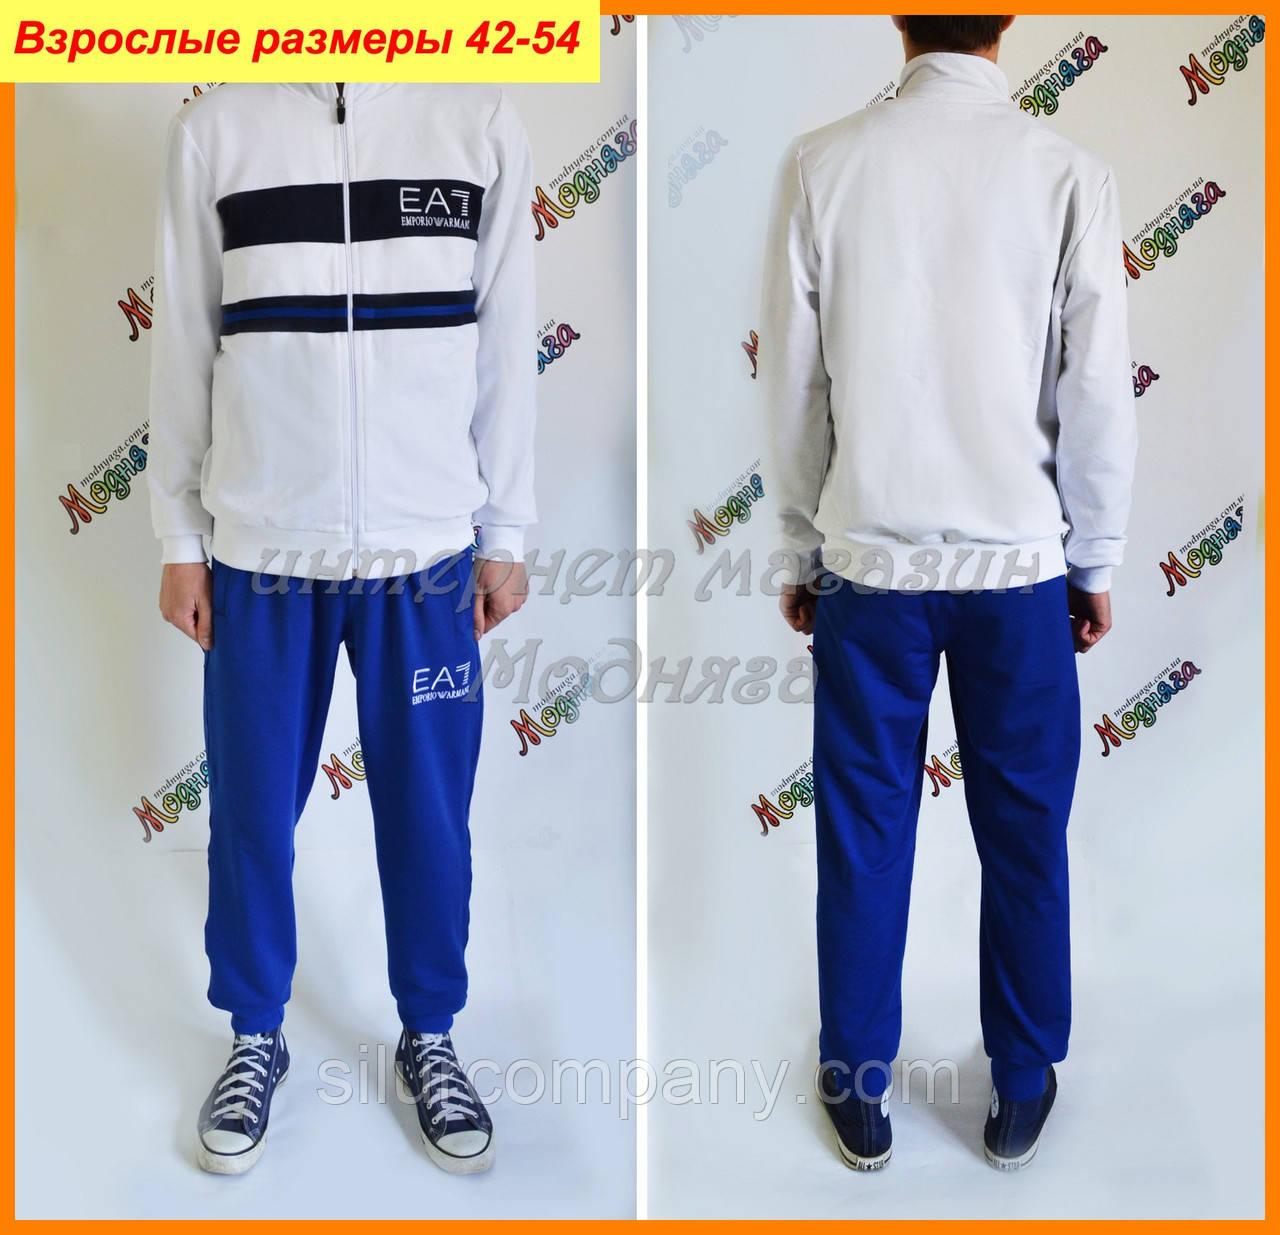 2293dfe6 Спортивные костюмы ЕА-7 | Armani мужские: продажа, цена в Киеве, в ...